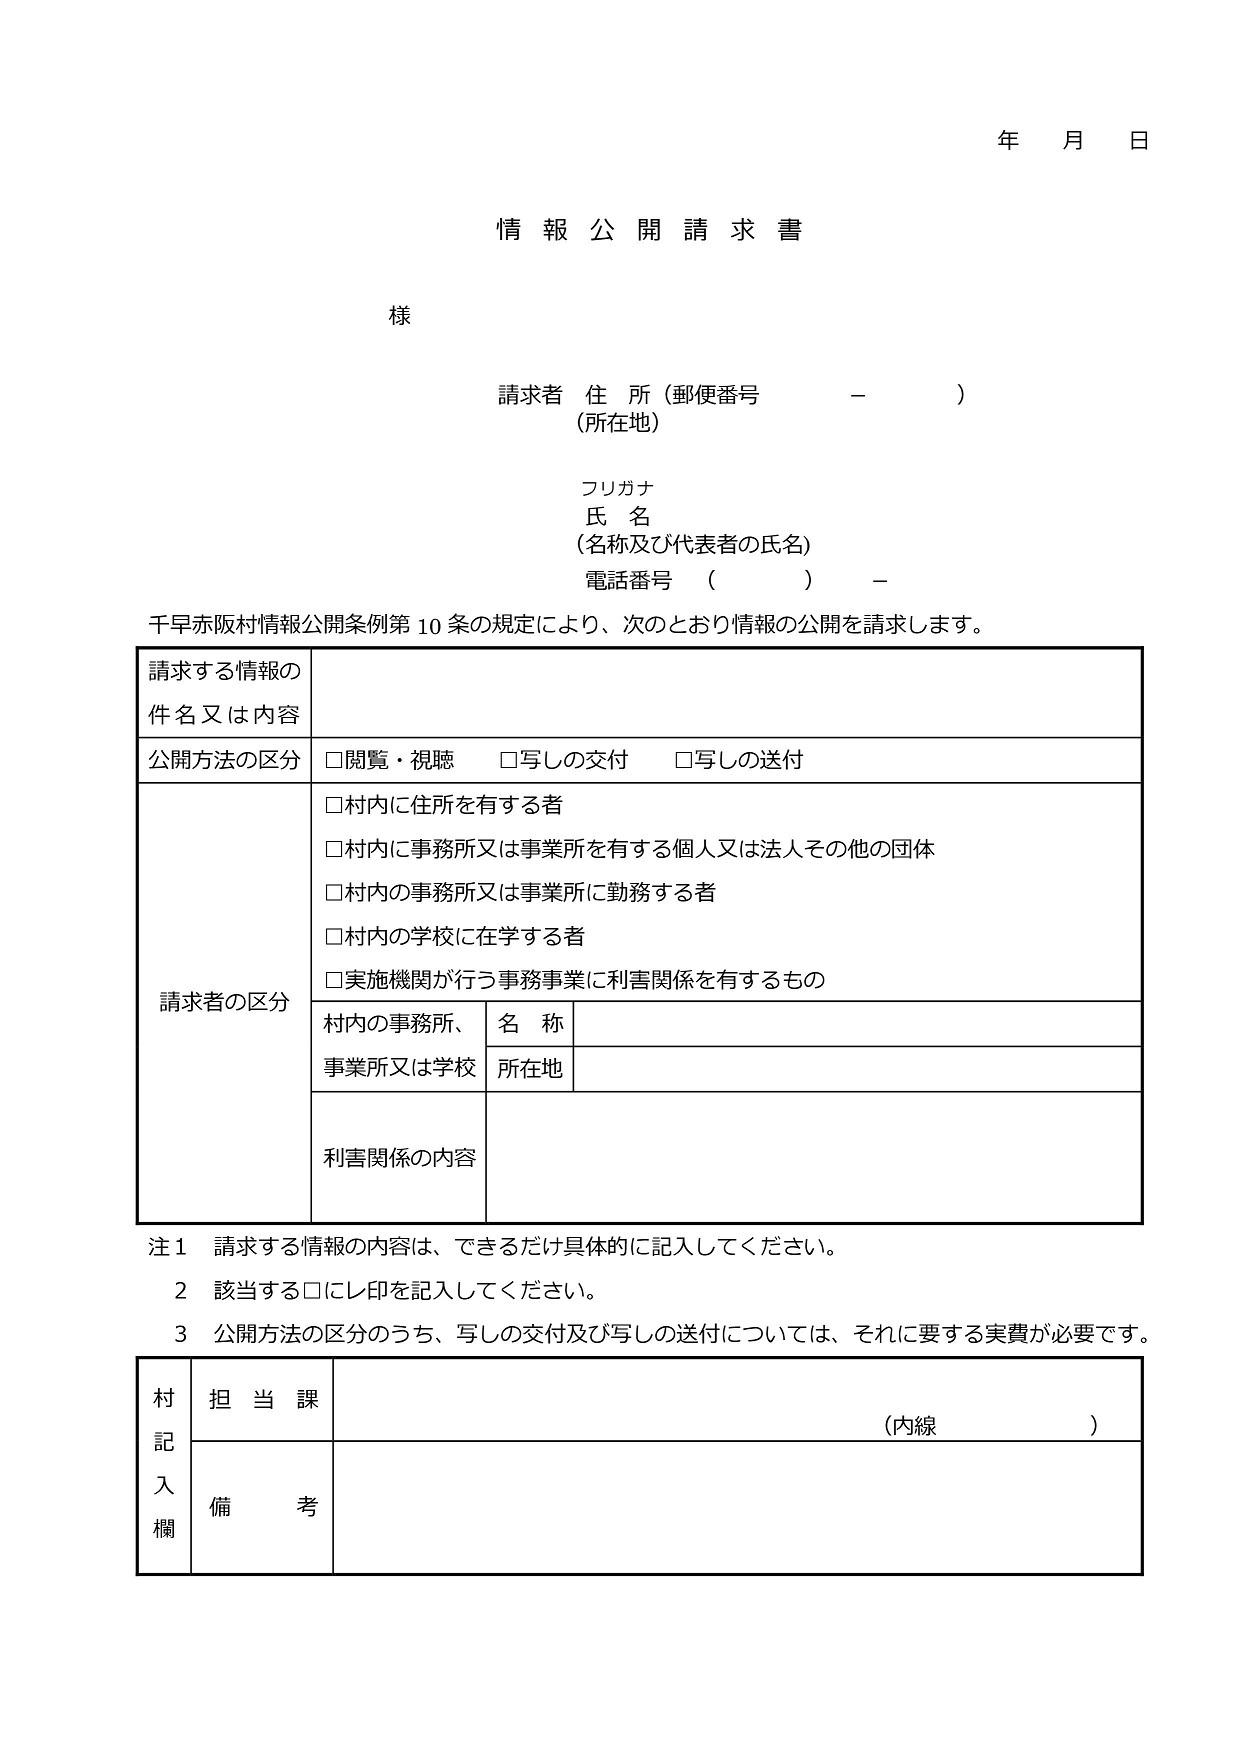 千早赤阪村情報公開請求書